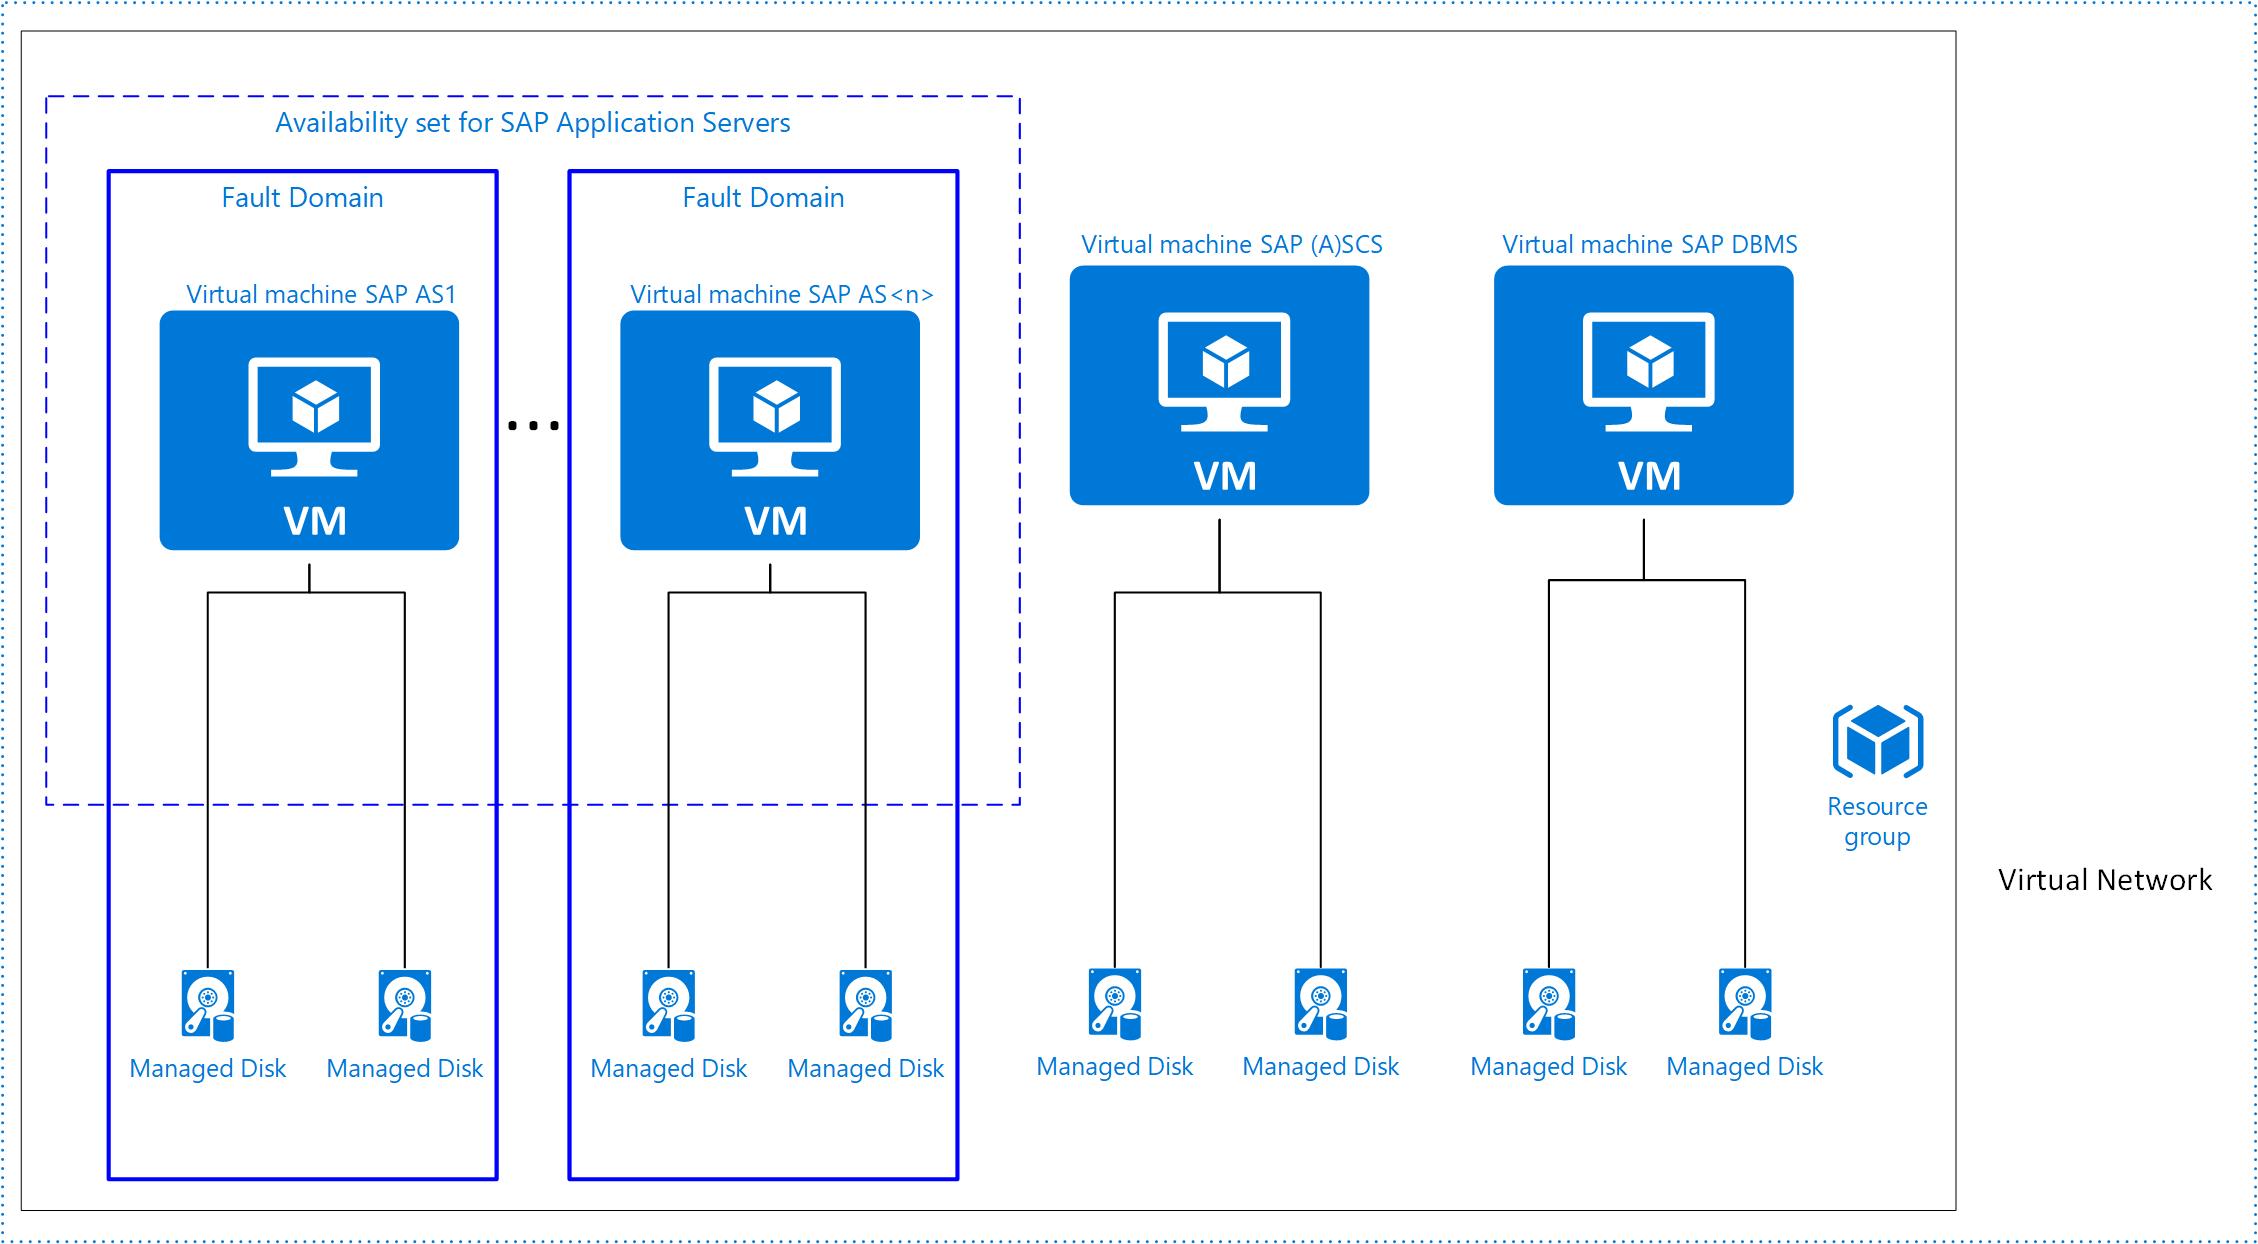 6cb806e2d2 Magas rendelkezésre ÁLLÁSÚ SAP alkalmazások magas rendelkezésre állás  eléréséhez Azure-infrastruktúra használatával